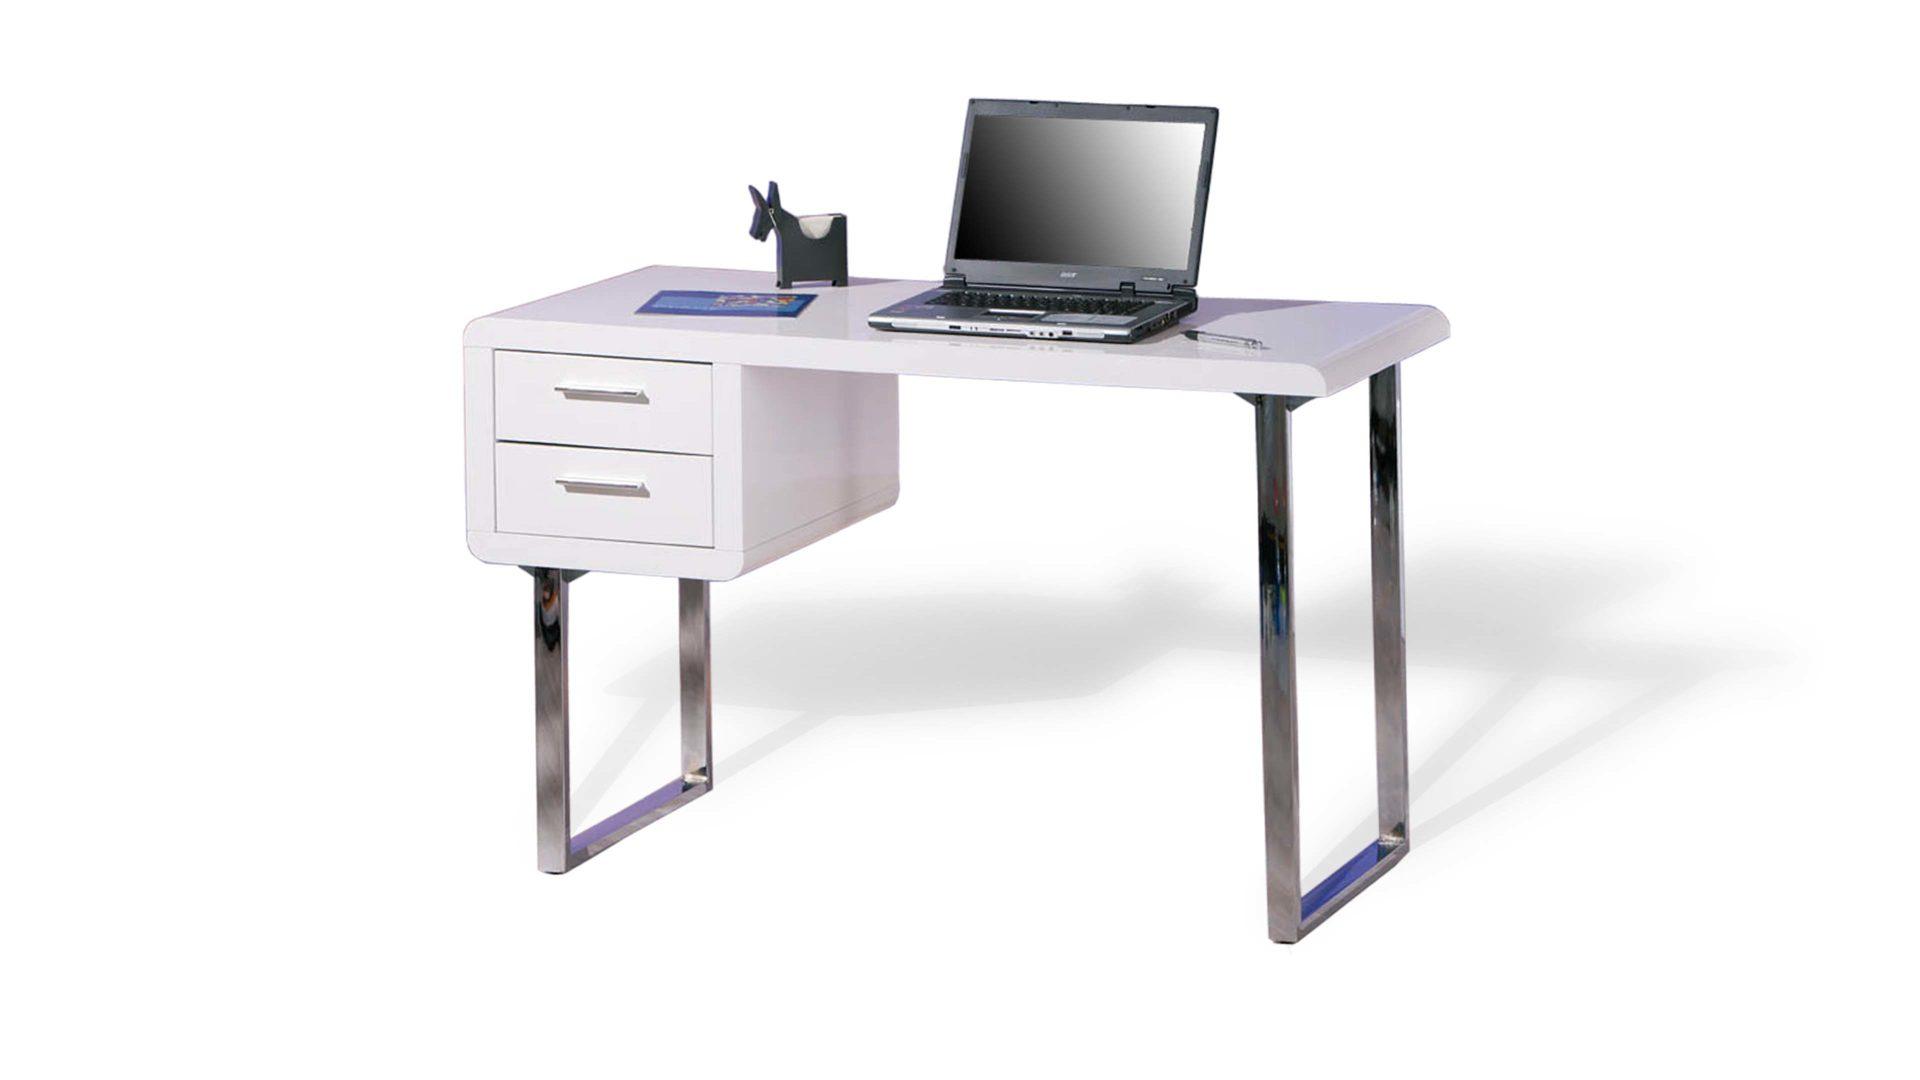 Schreibtisch Claude, Ein Büromöbel Für Effizientes Arbeiten